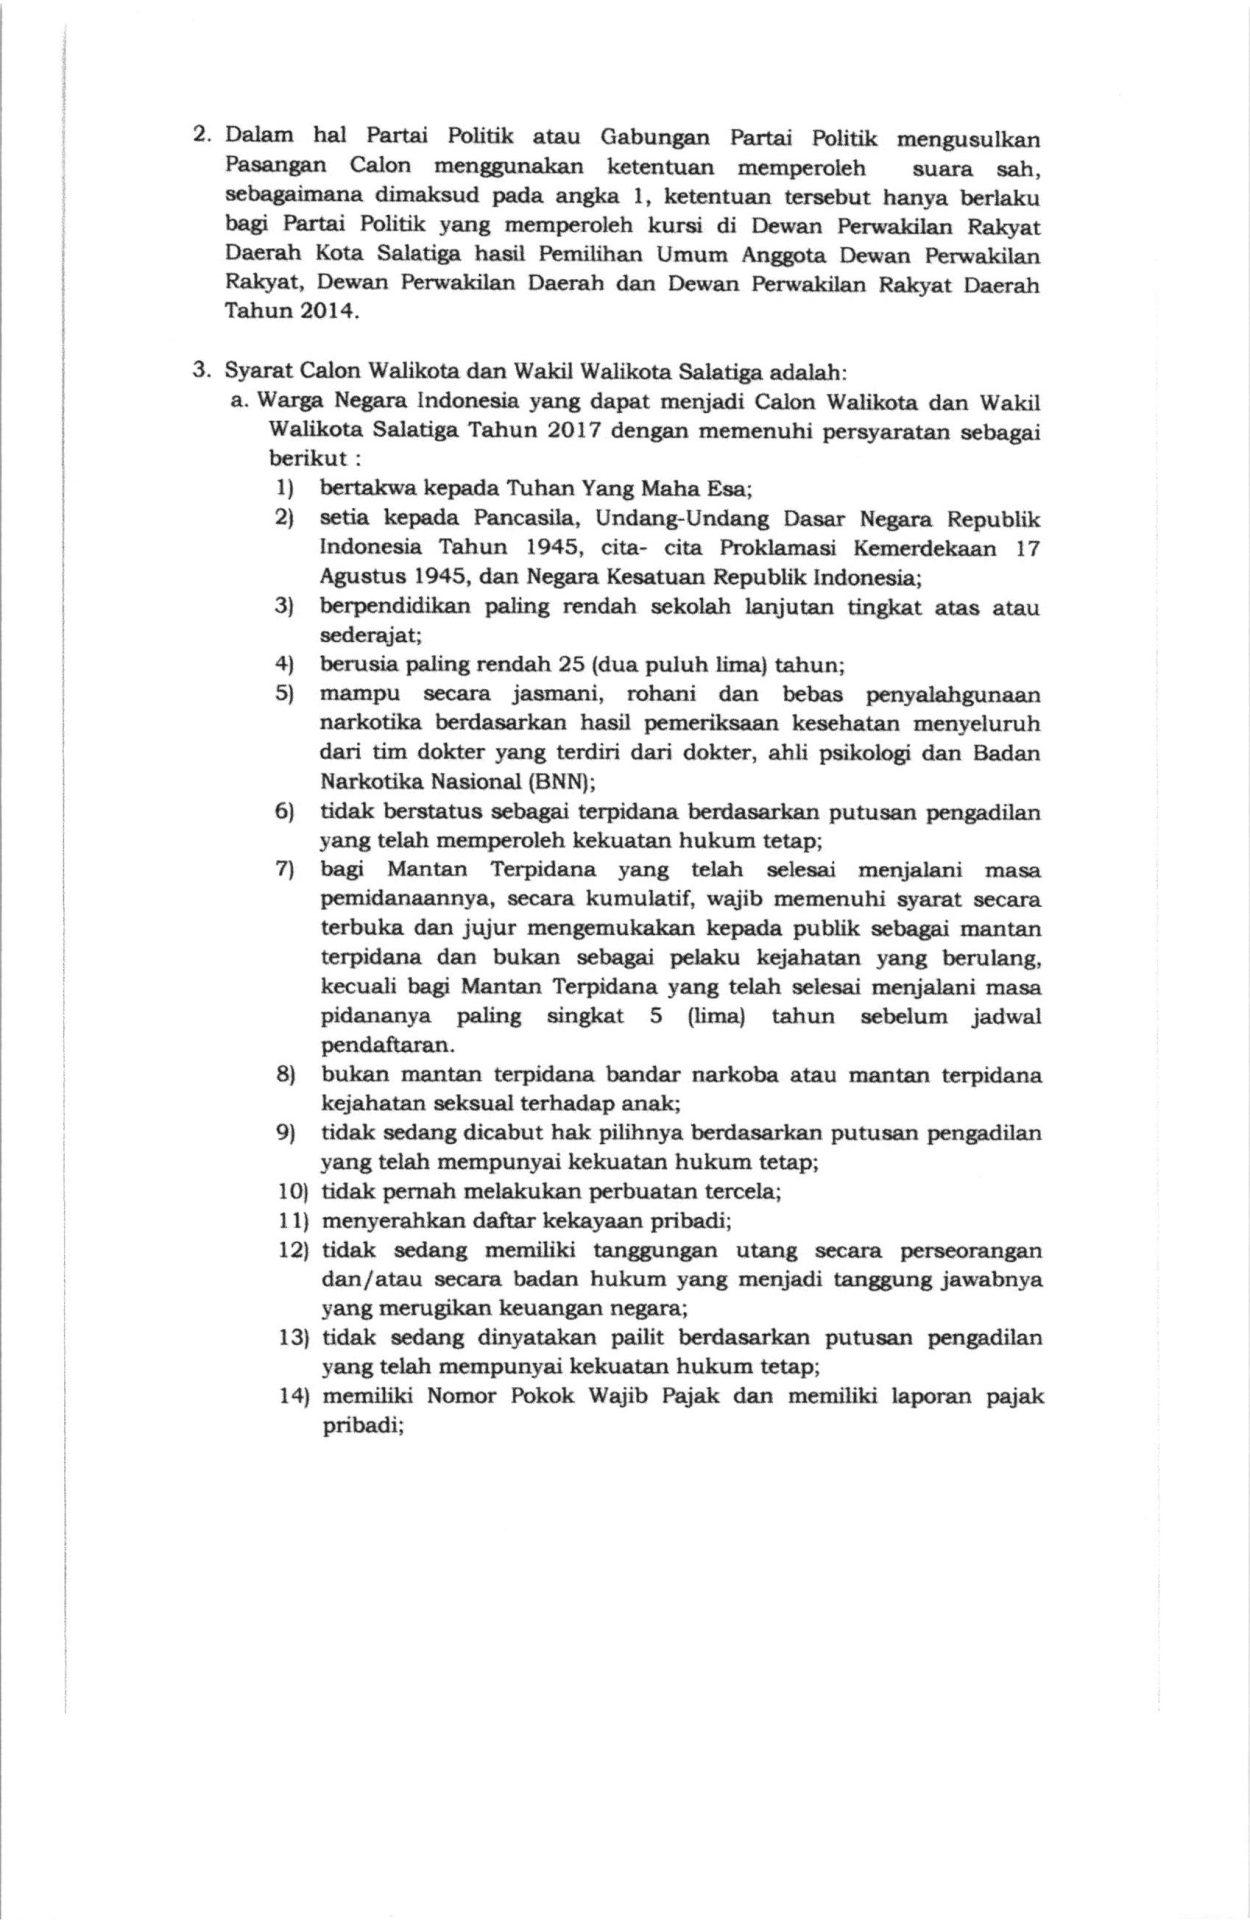 PENGUMUMAN PENDAFTARAN BAKAL CALON STEMPEL_001